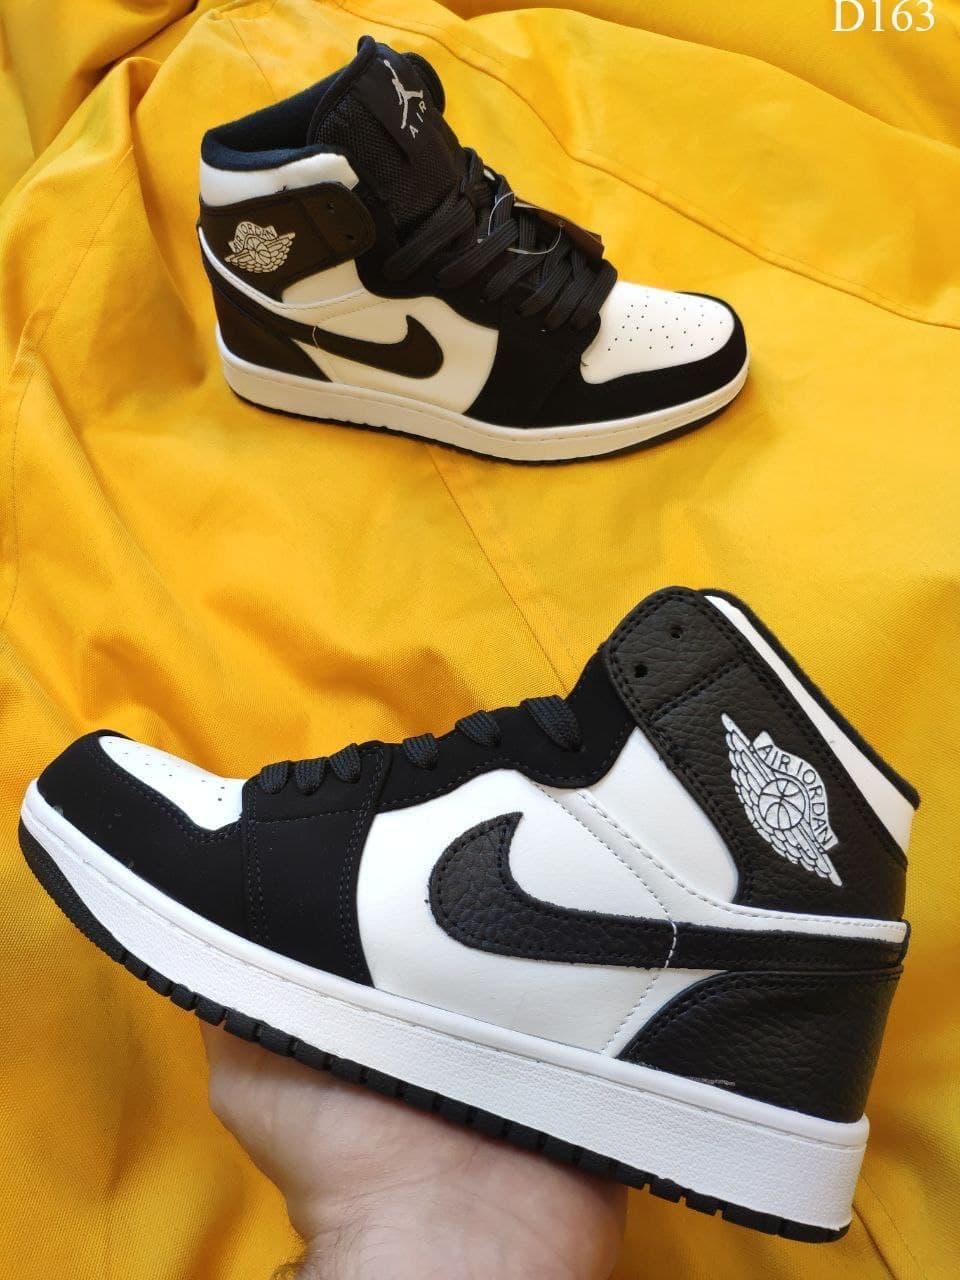 Женские кроссовки Nike Air Jordan 1 Retro (черно-белые) качественные демисезонные кроссы D163